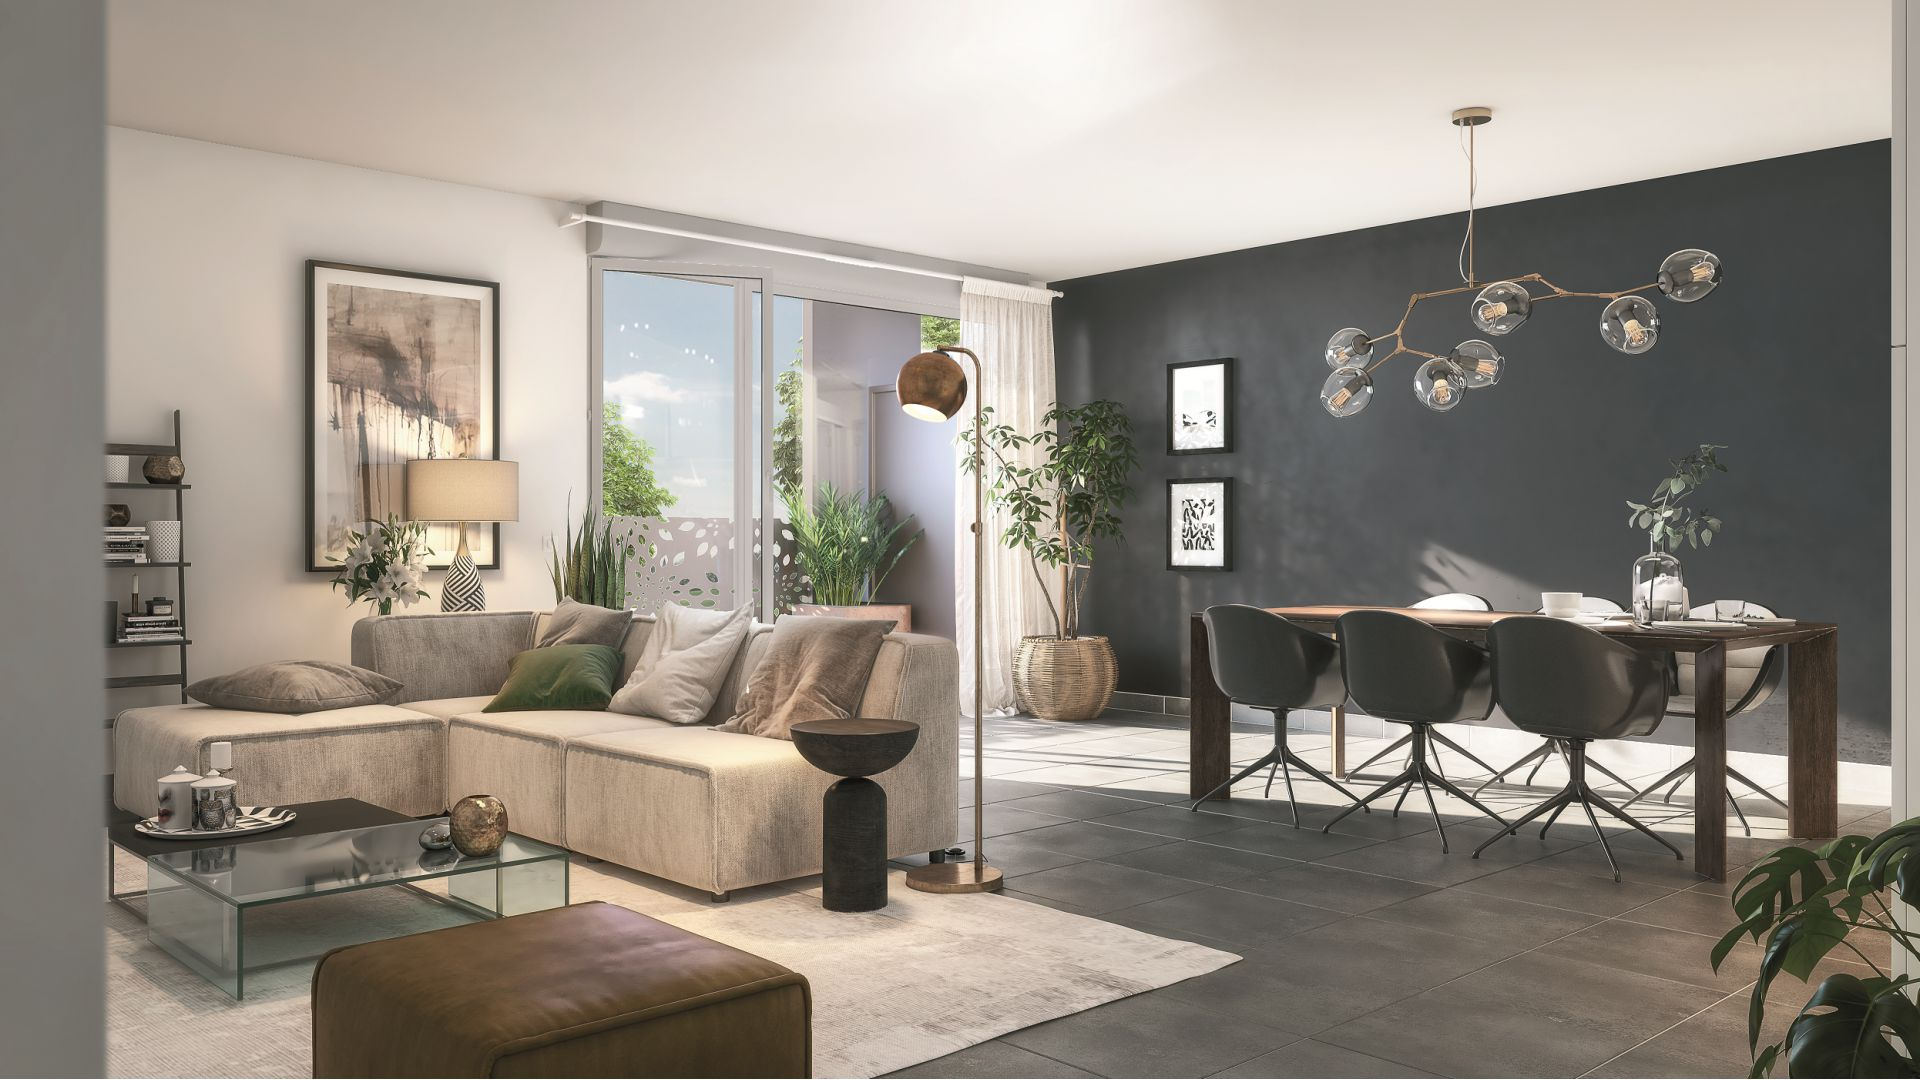 GreenCity immobilier - Thyez - 74300 - proche Genève - Résidence Le Jardin D'Aubeline - Appartements neuf du T1 au T3 - vue intérieure